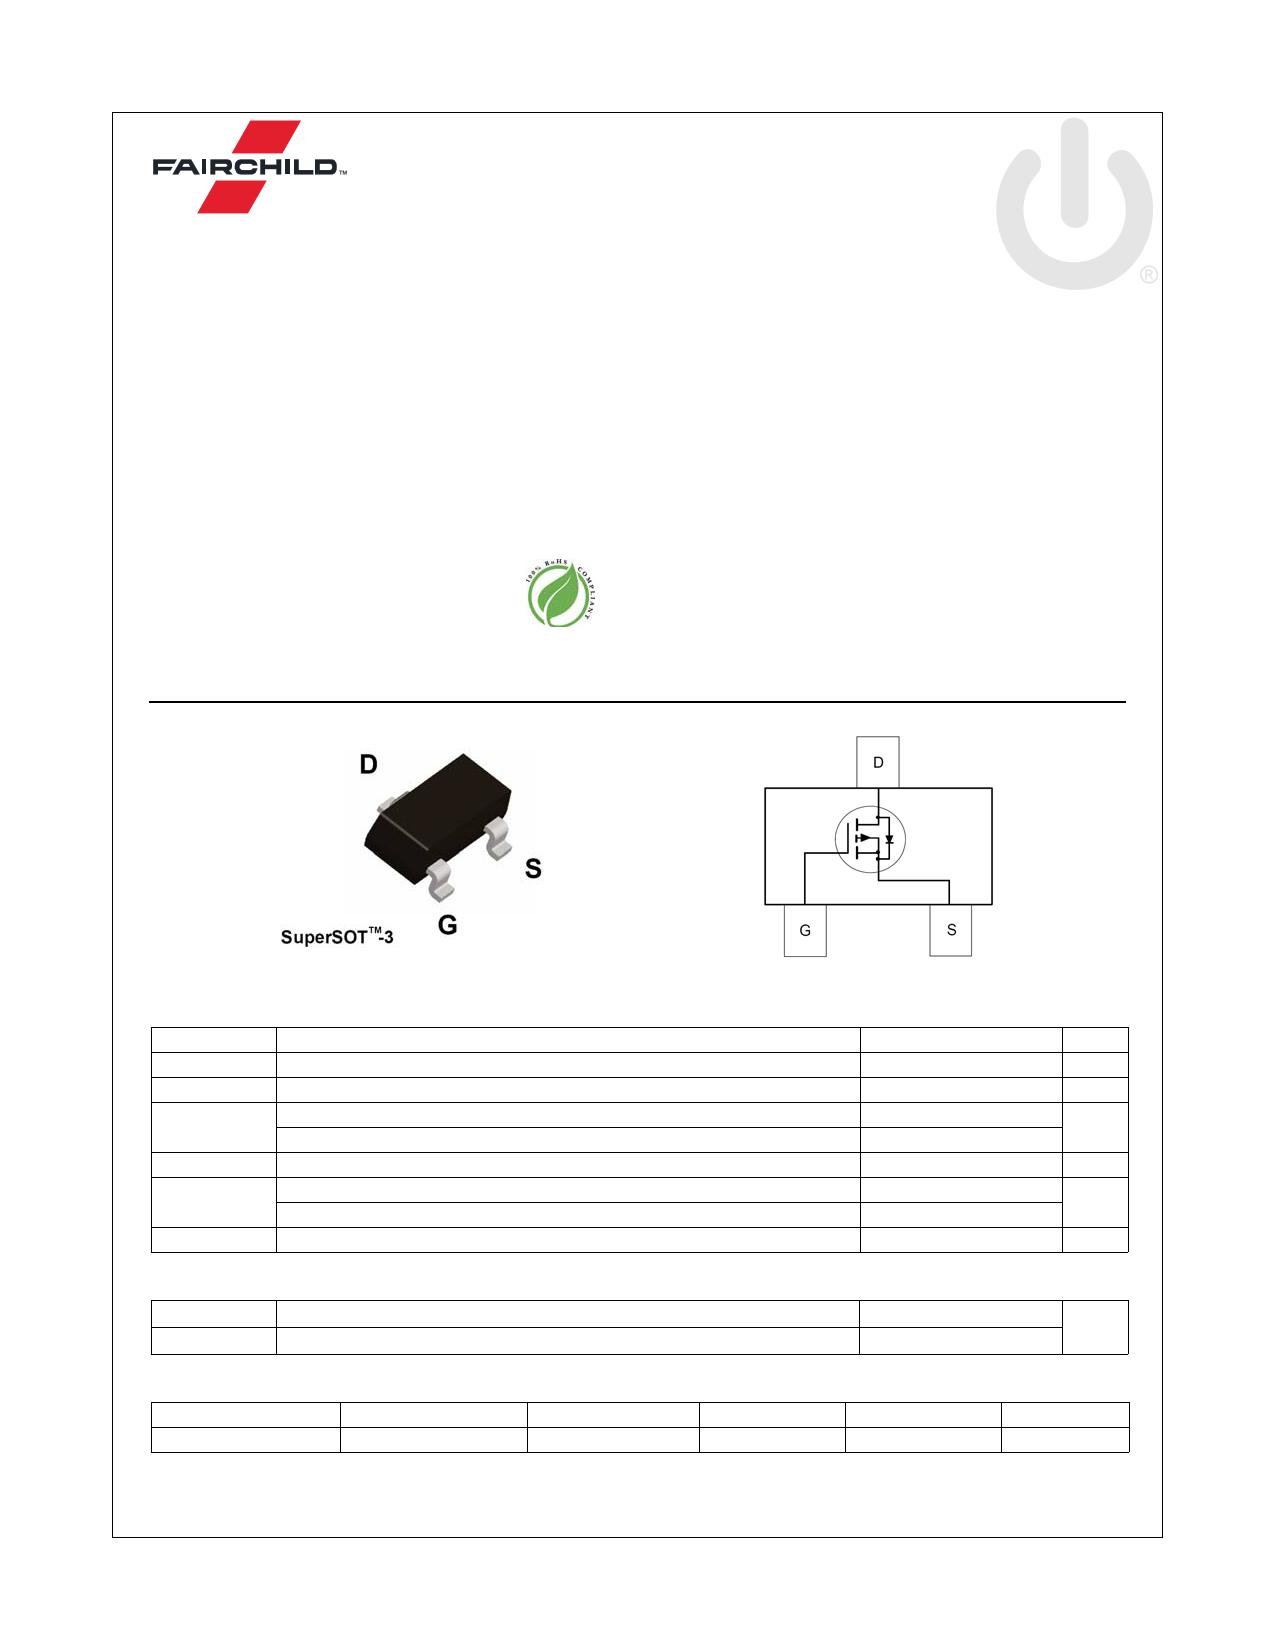 FDN86265P 데이터시트 및 FDN86265P PDF